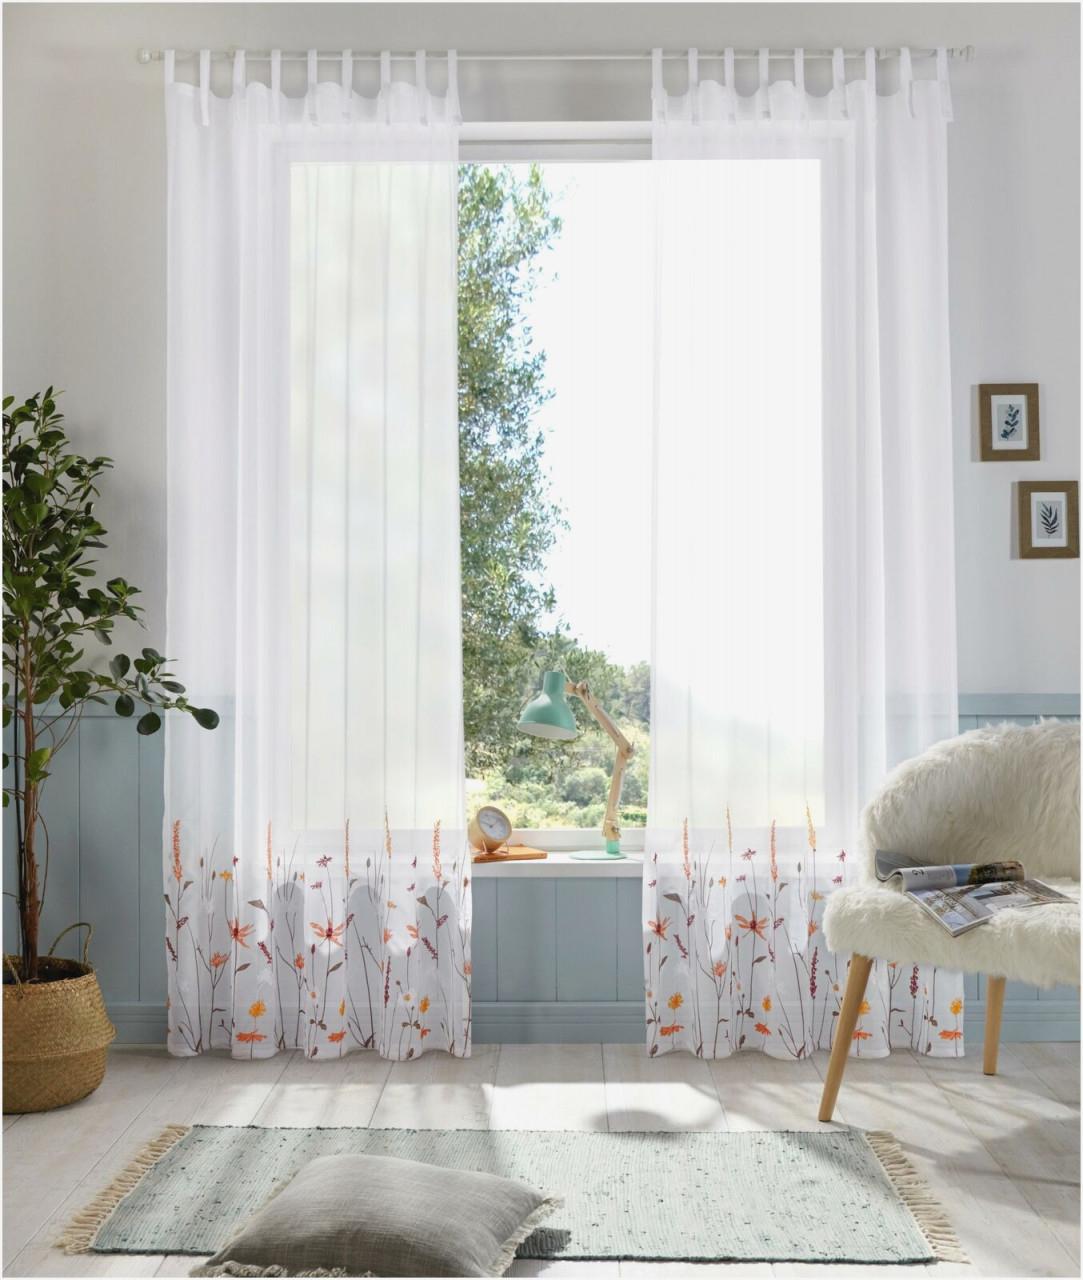 Gardinen Wohnzimmer Gardinenstoffe Englischer Englische von Landhaus Gardinen Wohnzimmer Bild